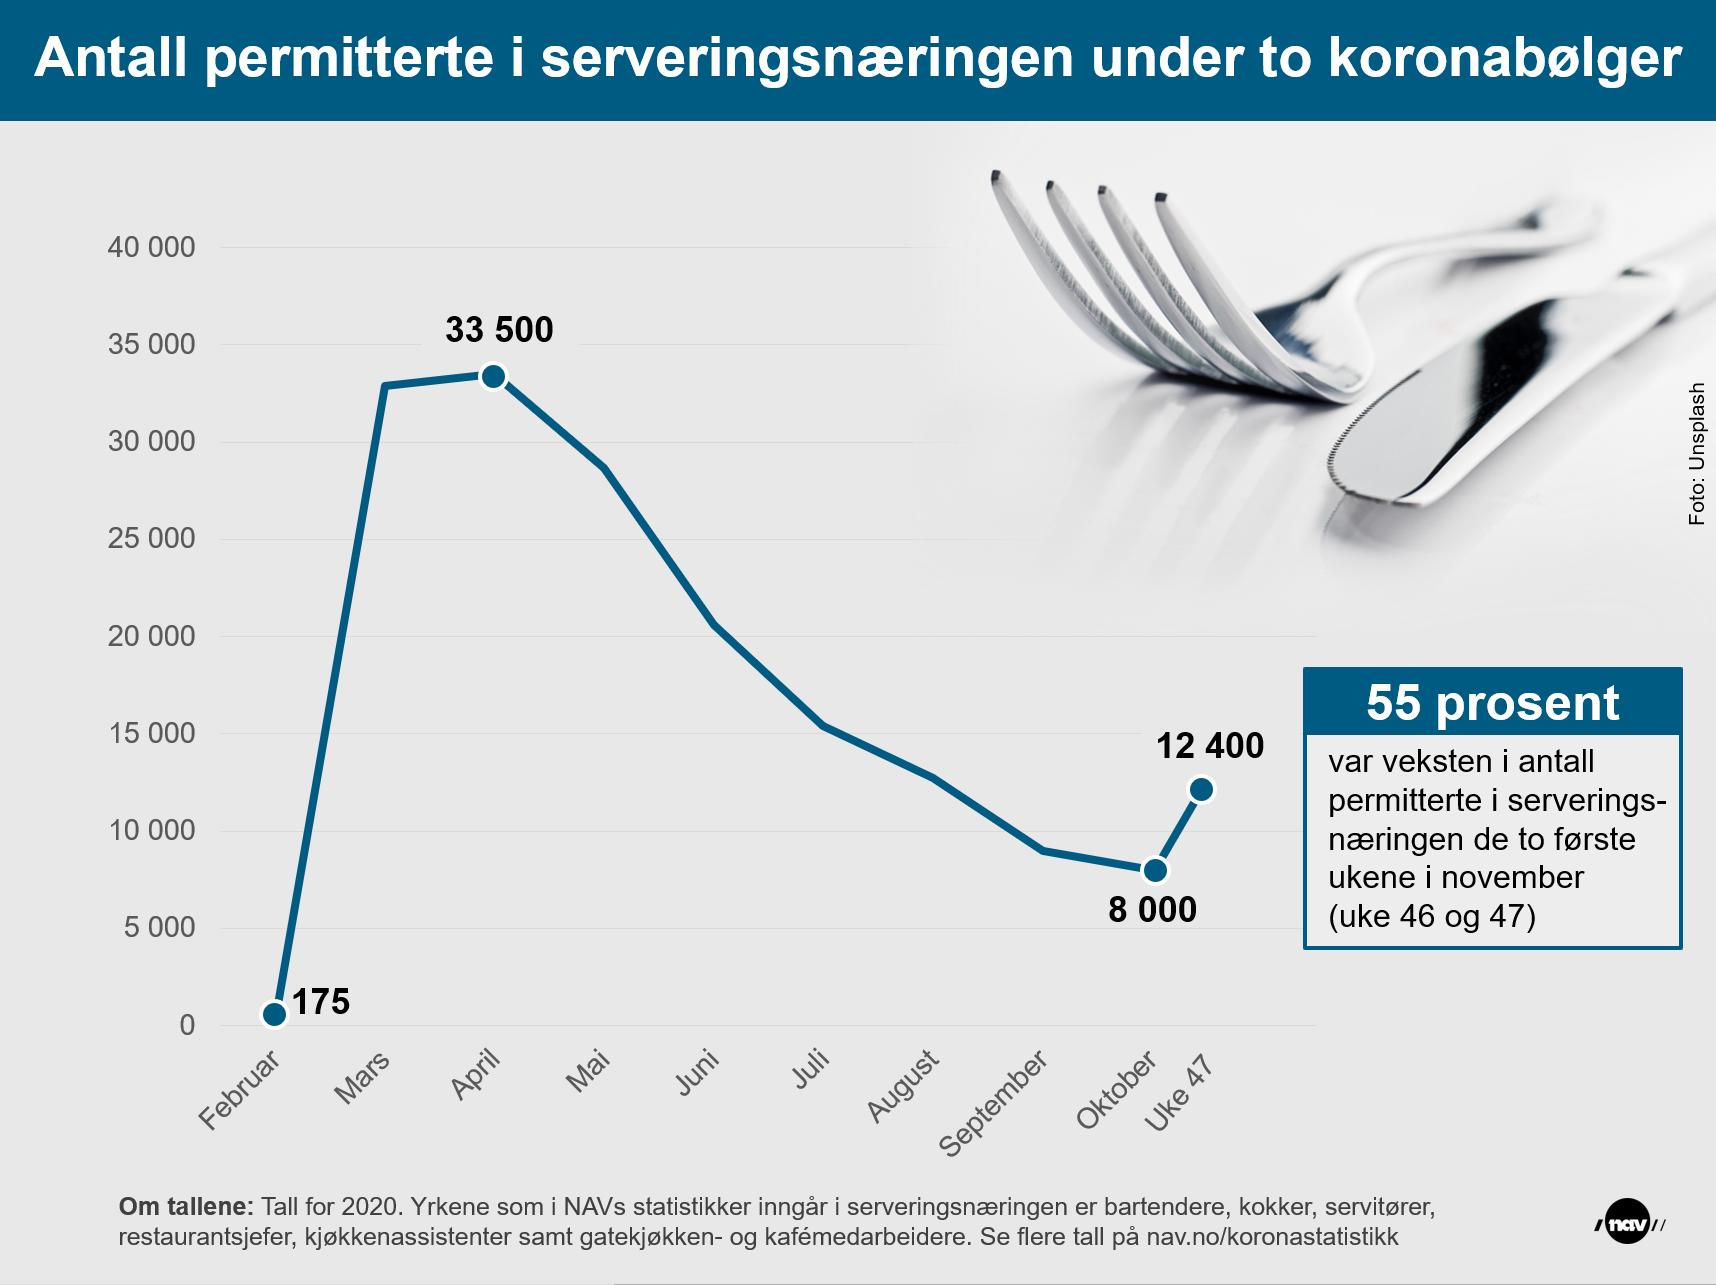 Infografikk som viser utviklingen i antall permitterte i serveringsnæringen fra februar til uke 47 2020